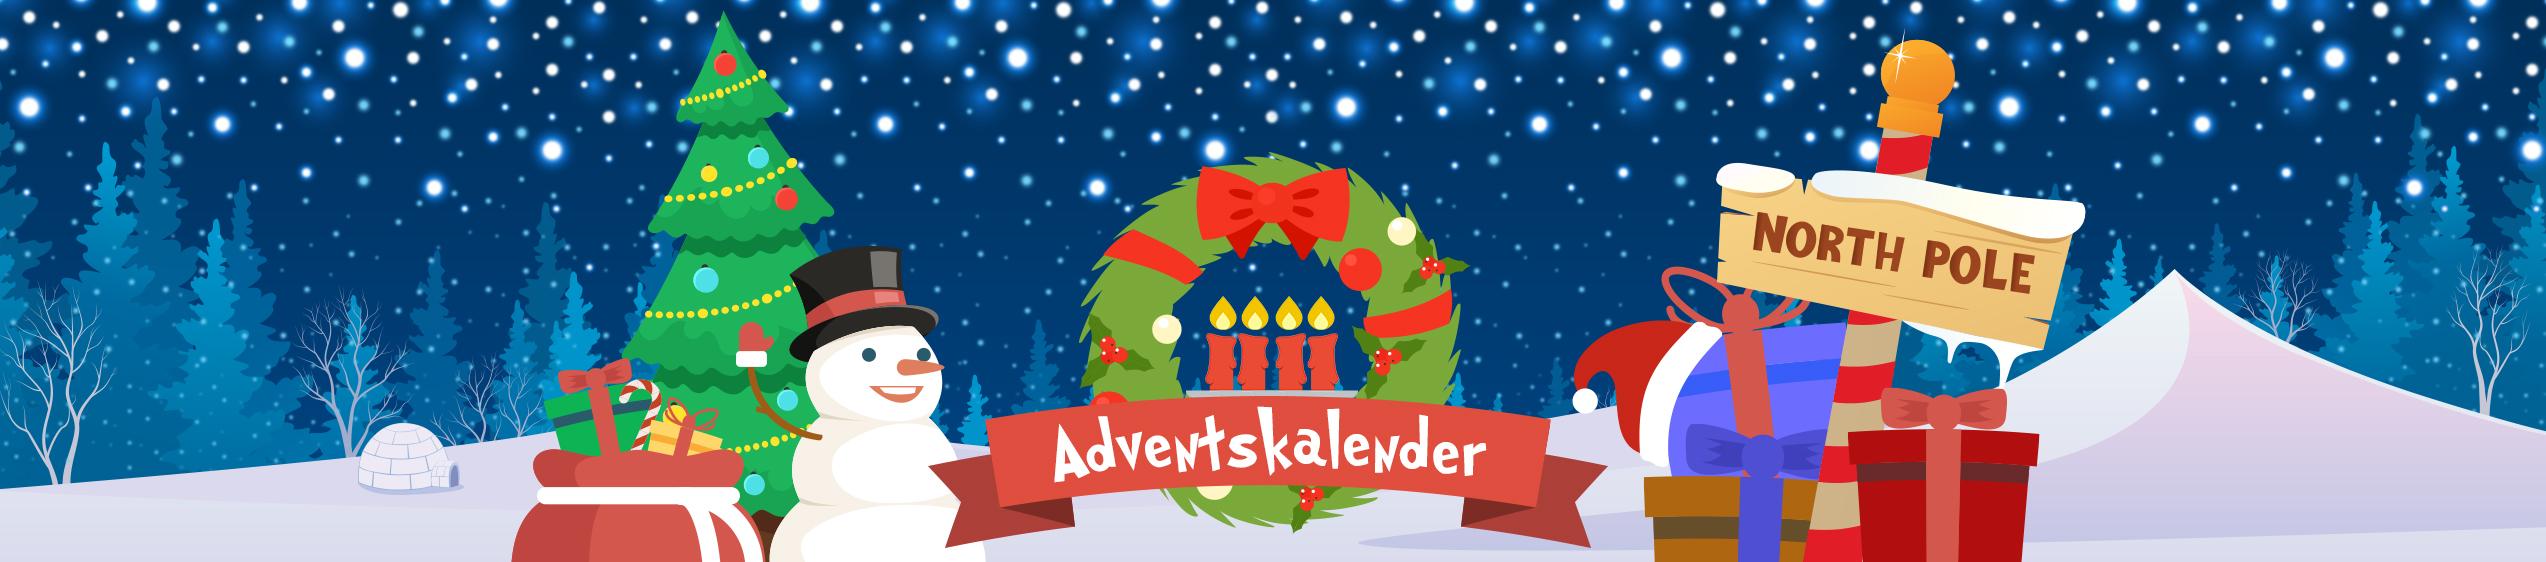 Sjekk ut Bertils julekalender!